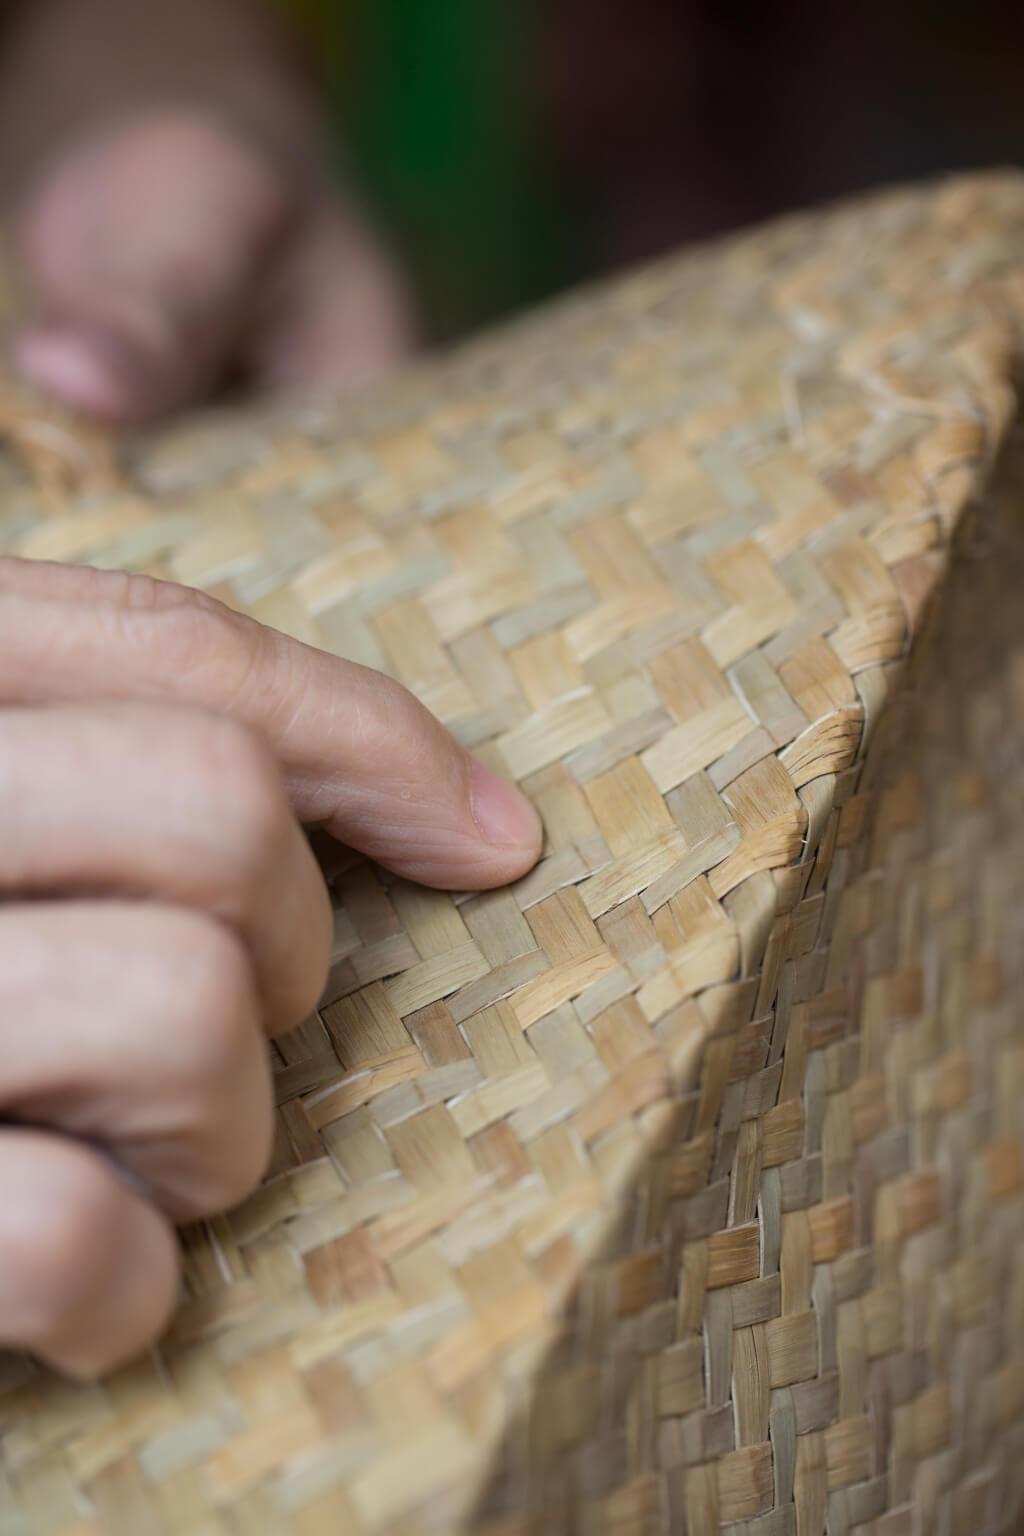 舊工鹹水草織法要求每條水草粗幼相同,色澤均勻,而且織紋頻密細緻,十分耐用。